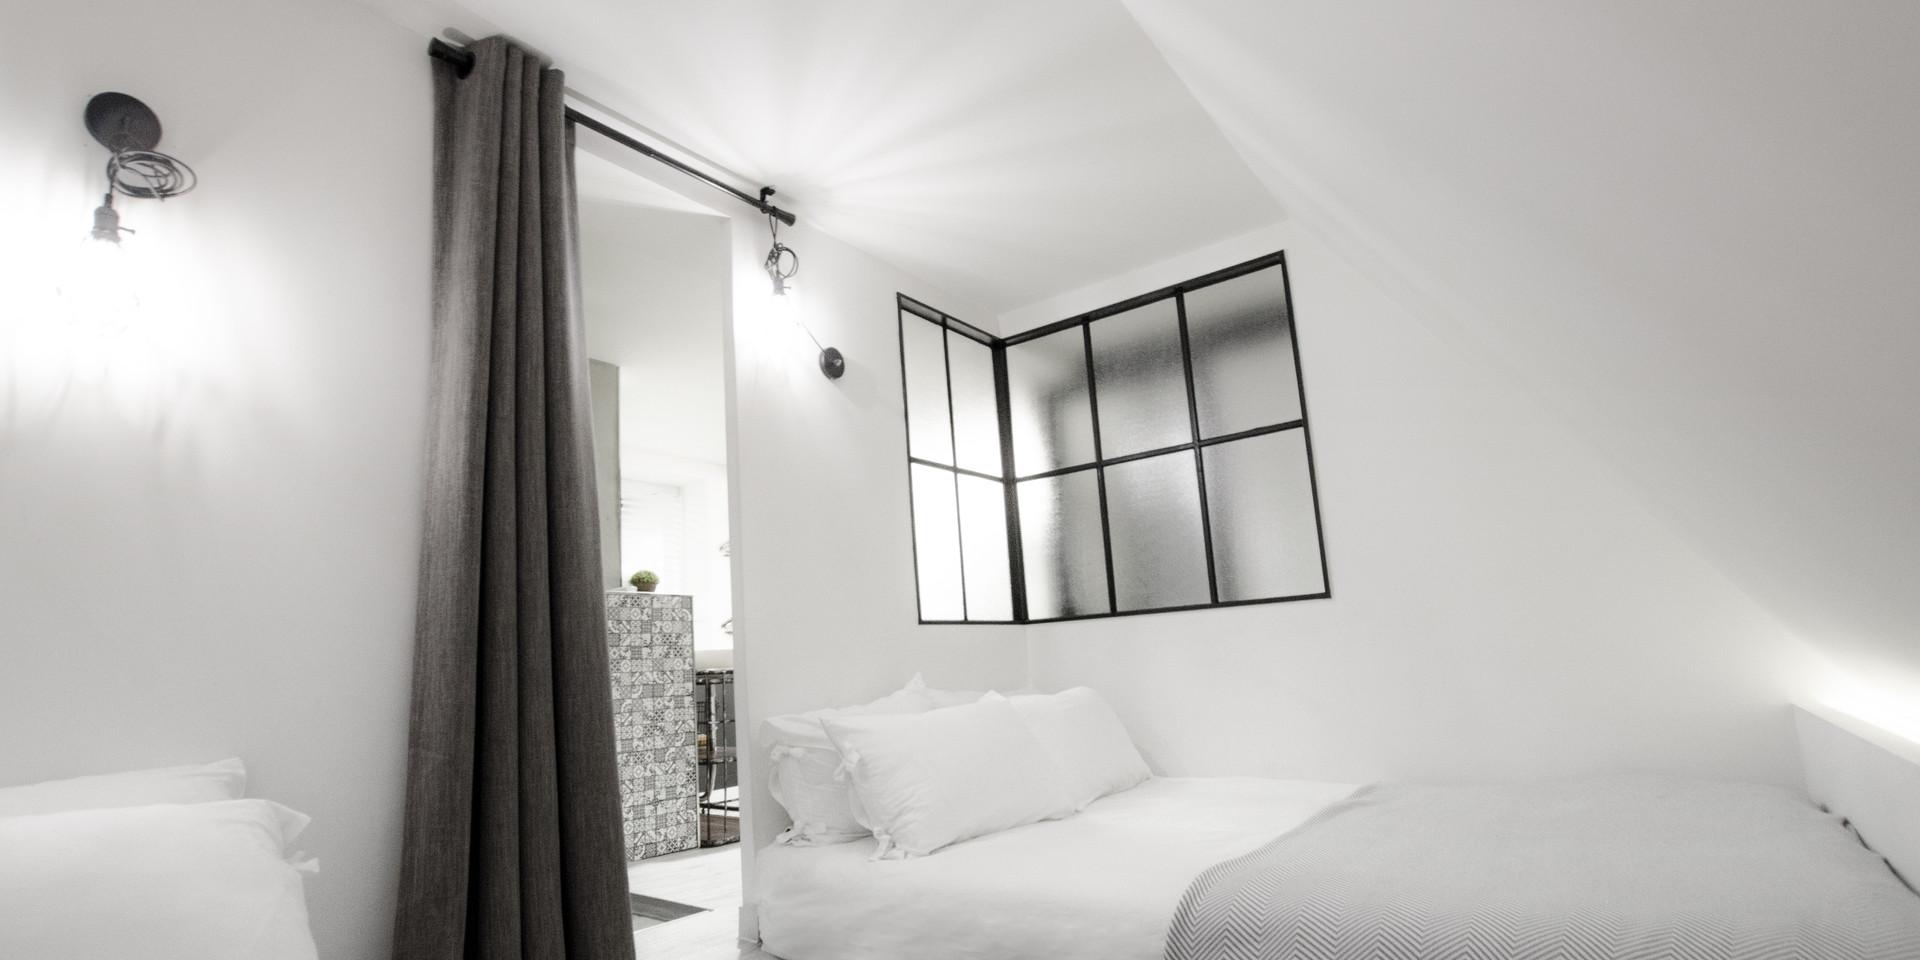 置放兩張大床的梯形空間呈現閣樓的概念,加上兩扇大窗後使其不顯狹窄。